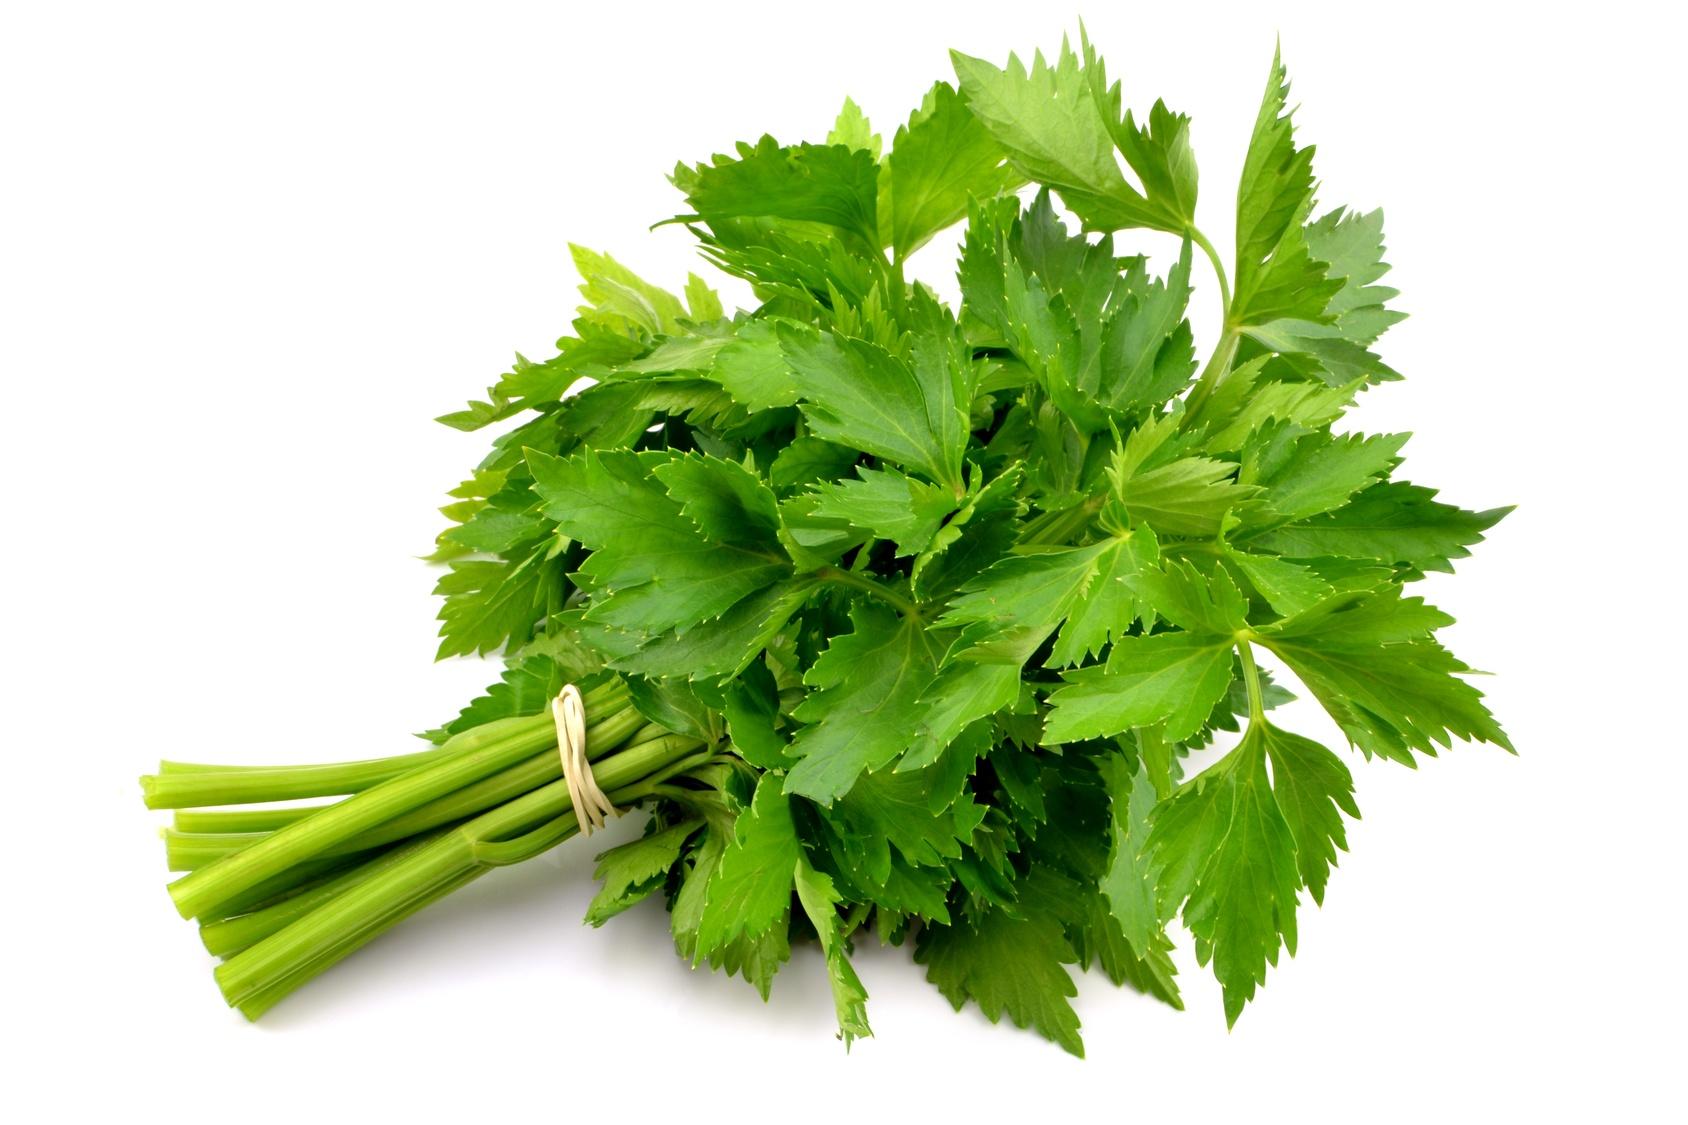 céleri-branche frais légume nutrition recette santé